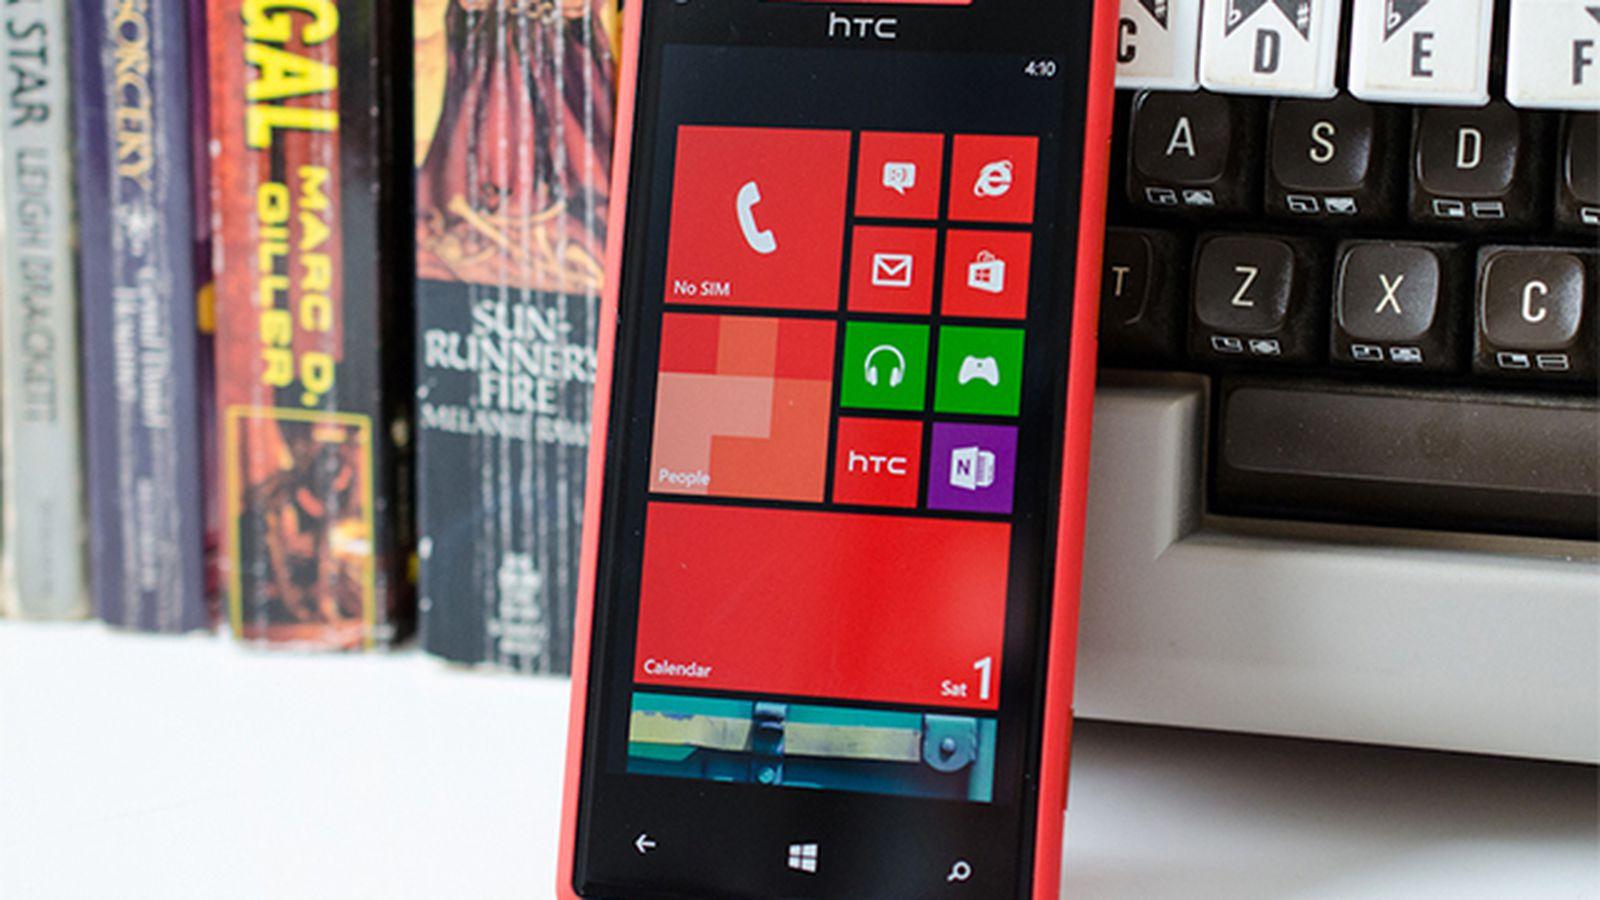 Htc windows phone 8x le est pictures - Microsoft Mobile